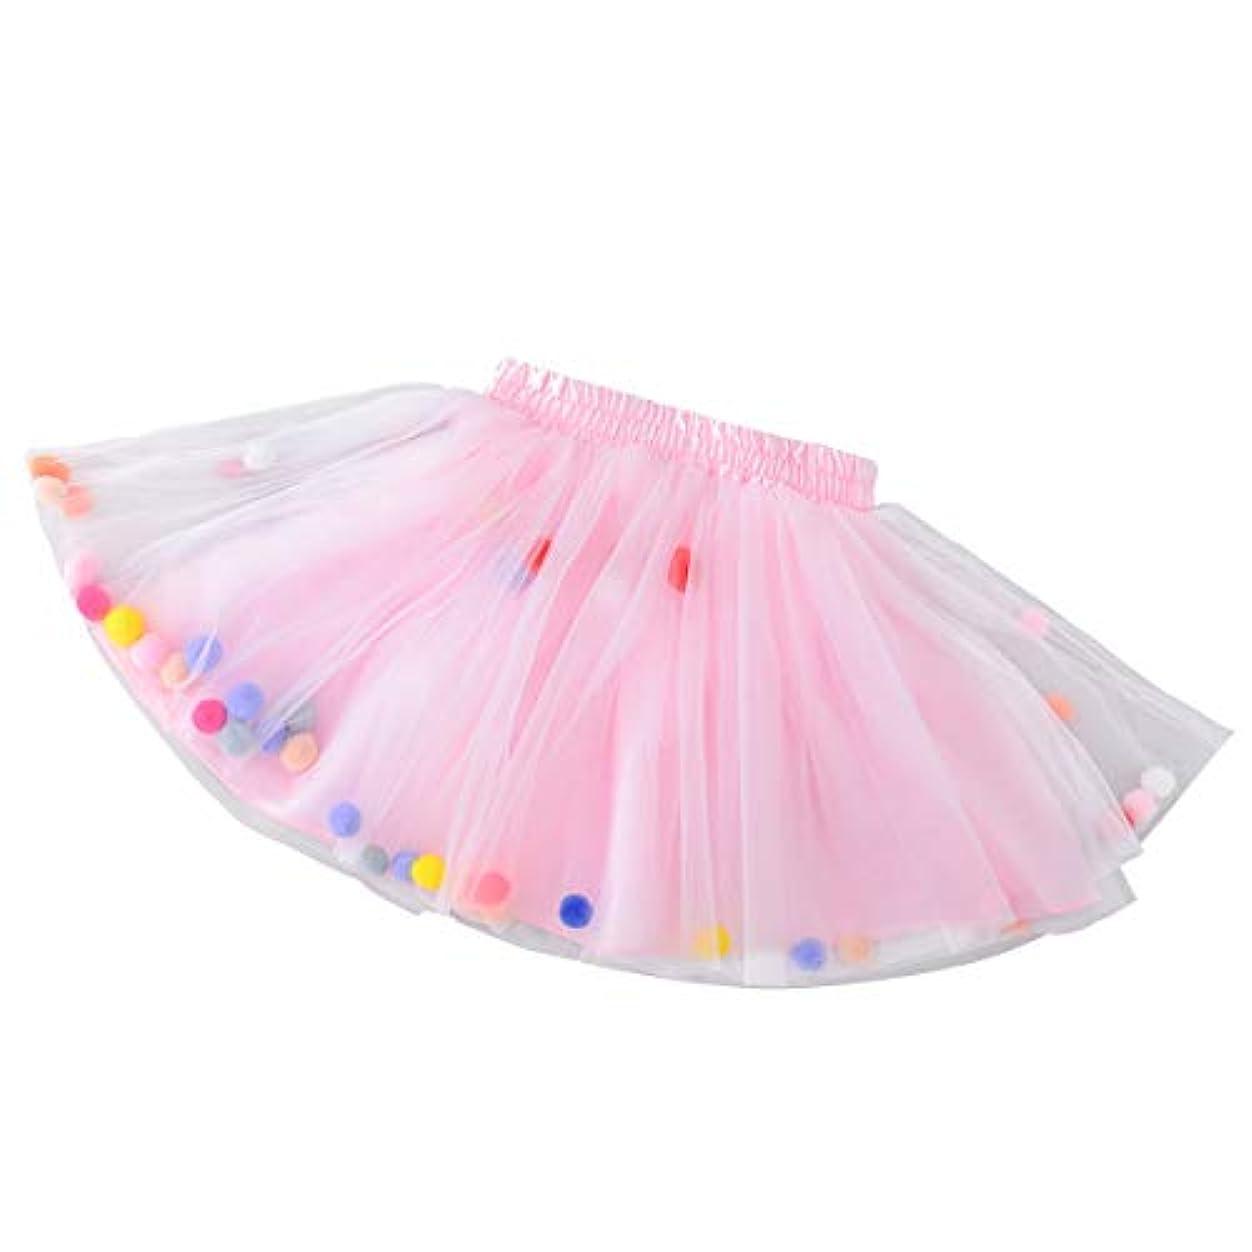 マキシム事実インシュレータYeahiBaby 子供チュチュスカートラブリーピンクミディスカートカラフルなファジーボールガーゼスカートプリンセスドレス衣装用女の子(サイズl)